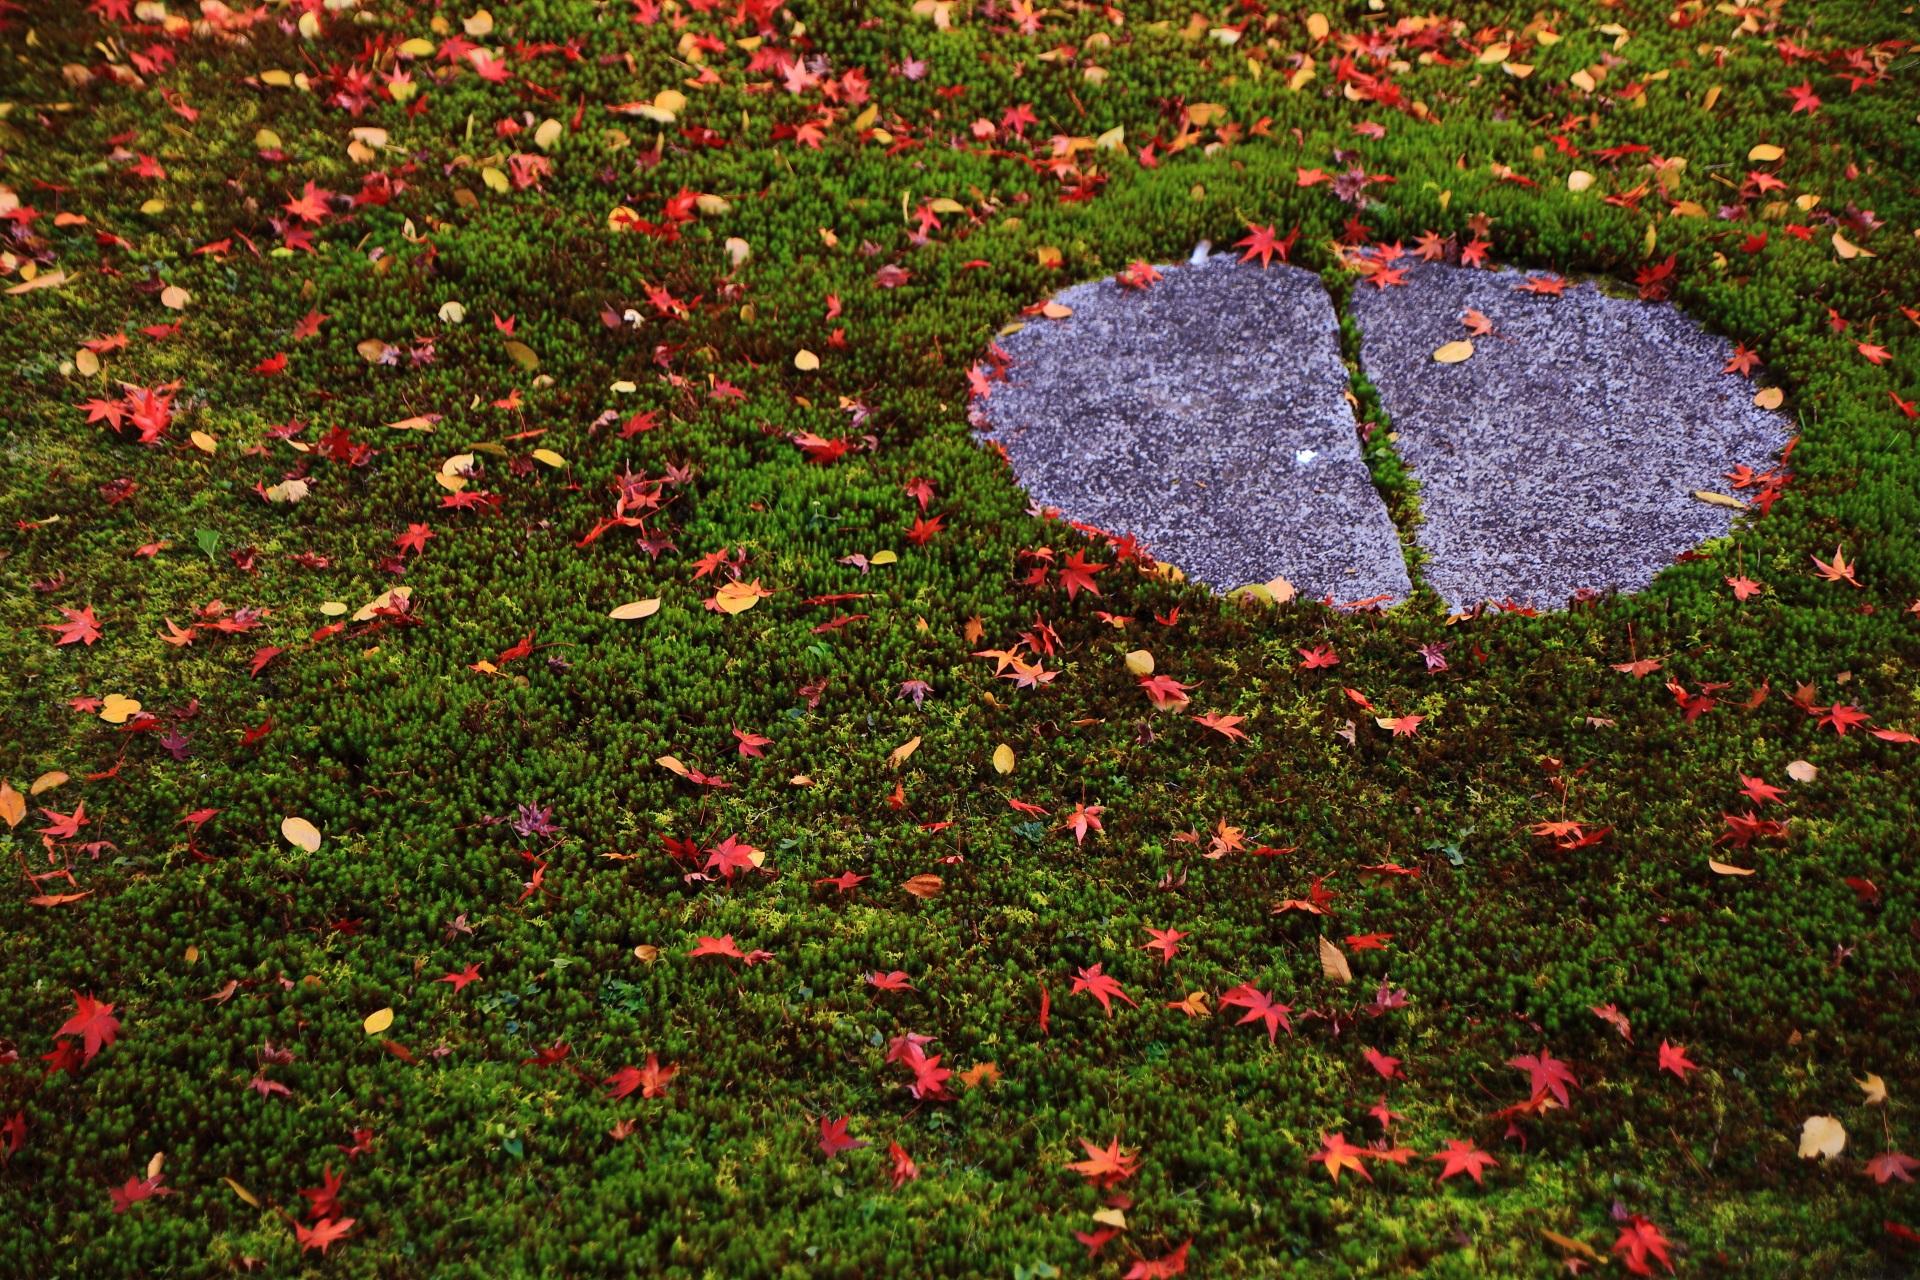 本法寺の控えめで上品な散り紅葉